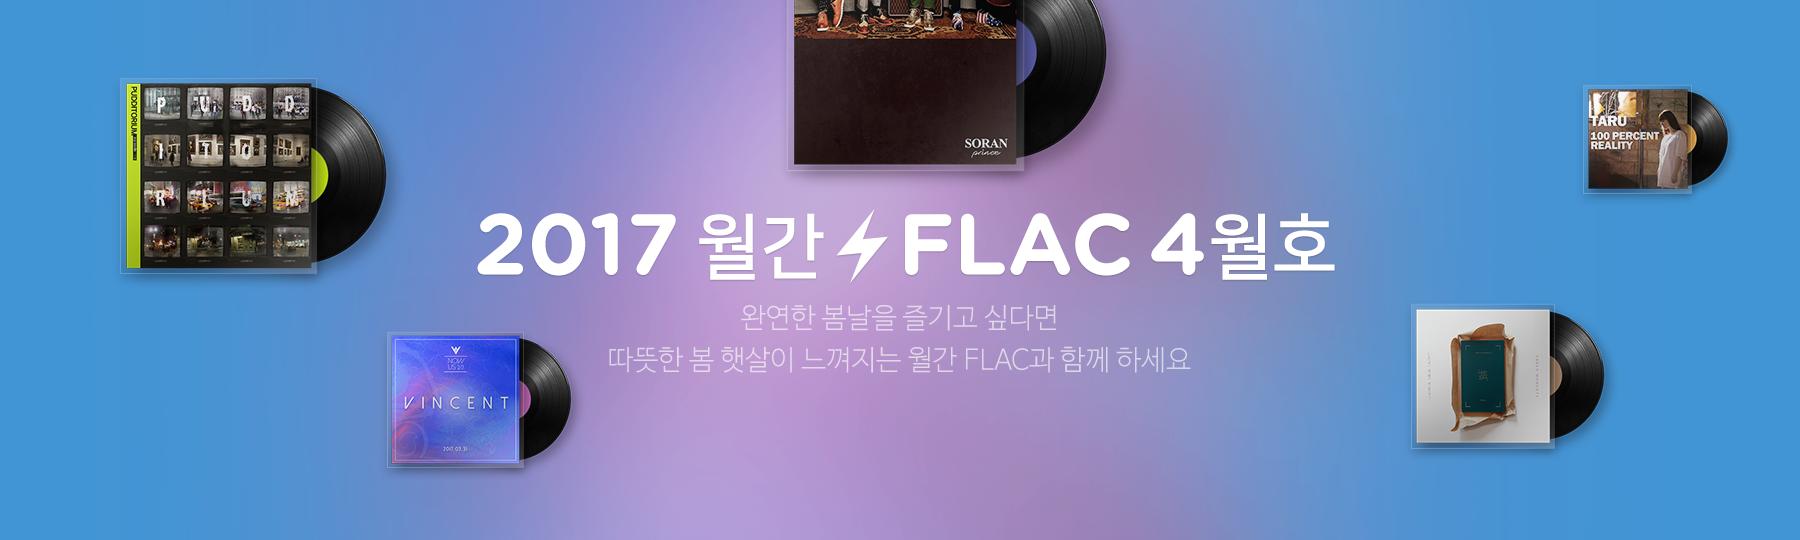 2017 월간 FLAC 4월호